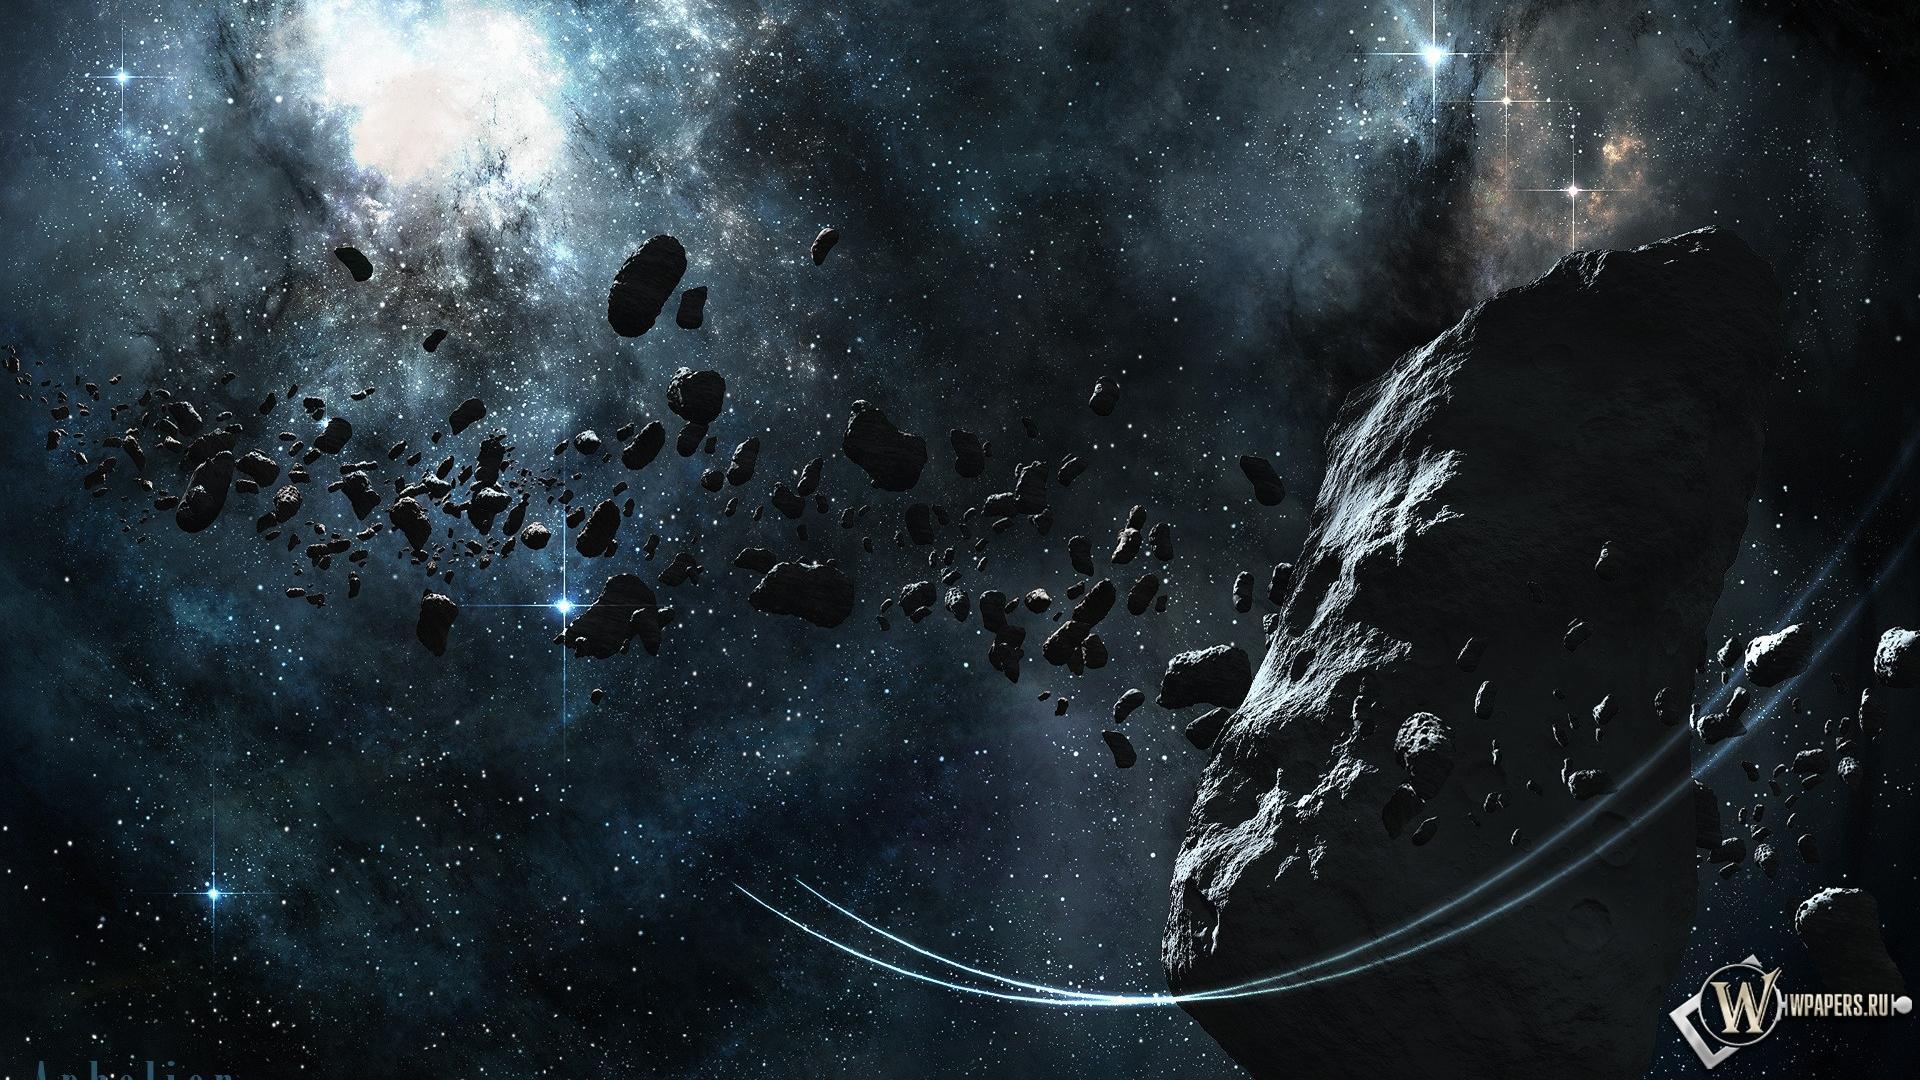 Астероид 1920x1080